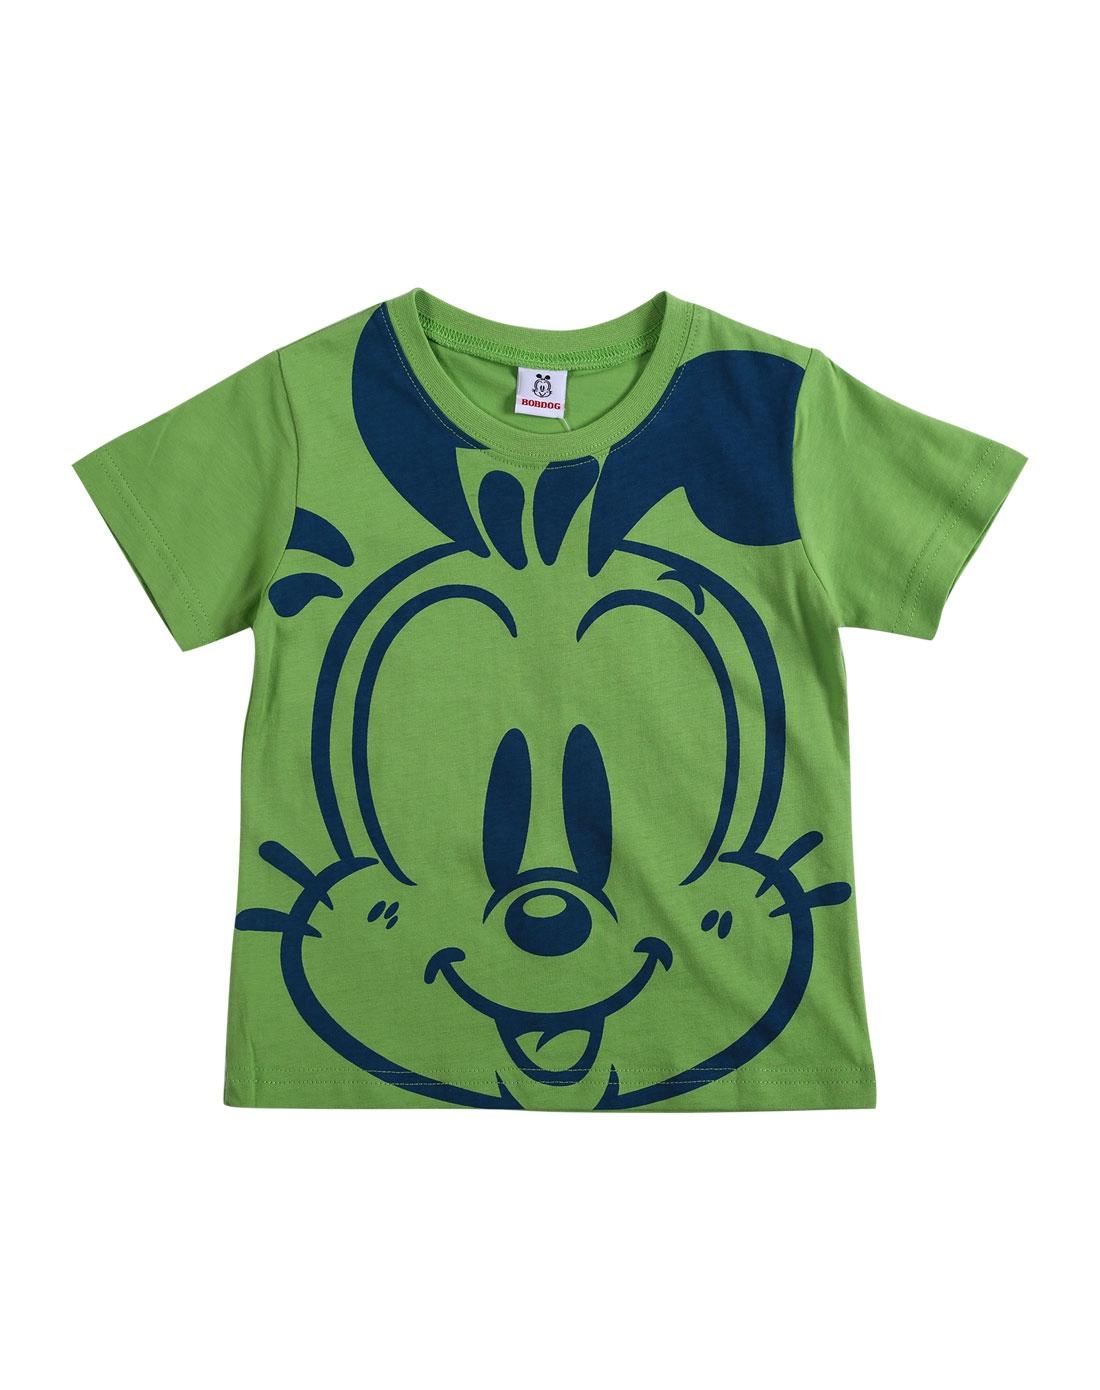 中性绿色卡通针织短袖t恤